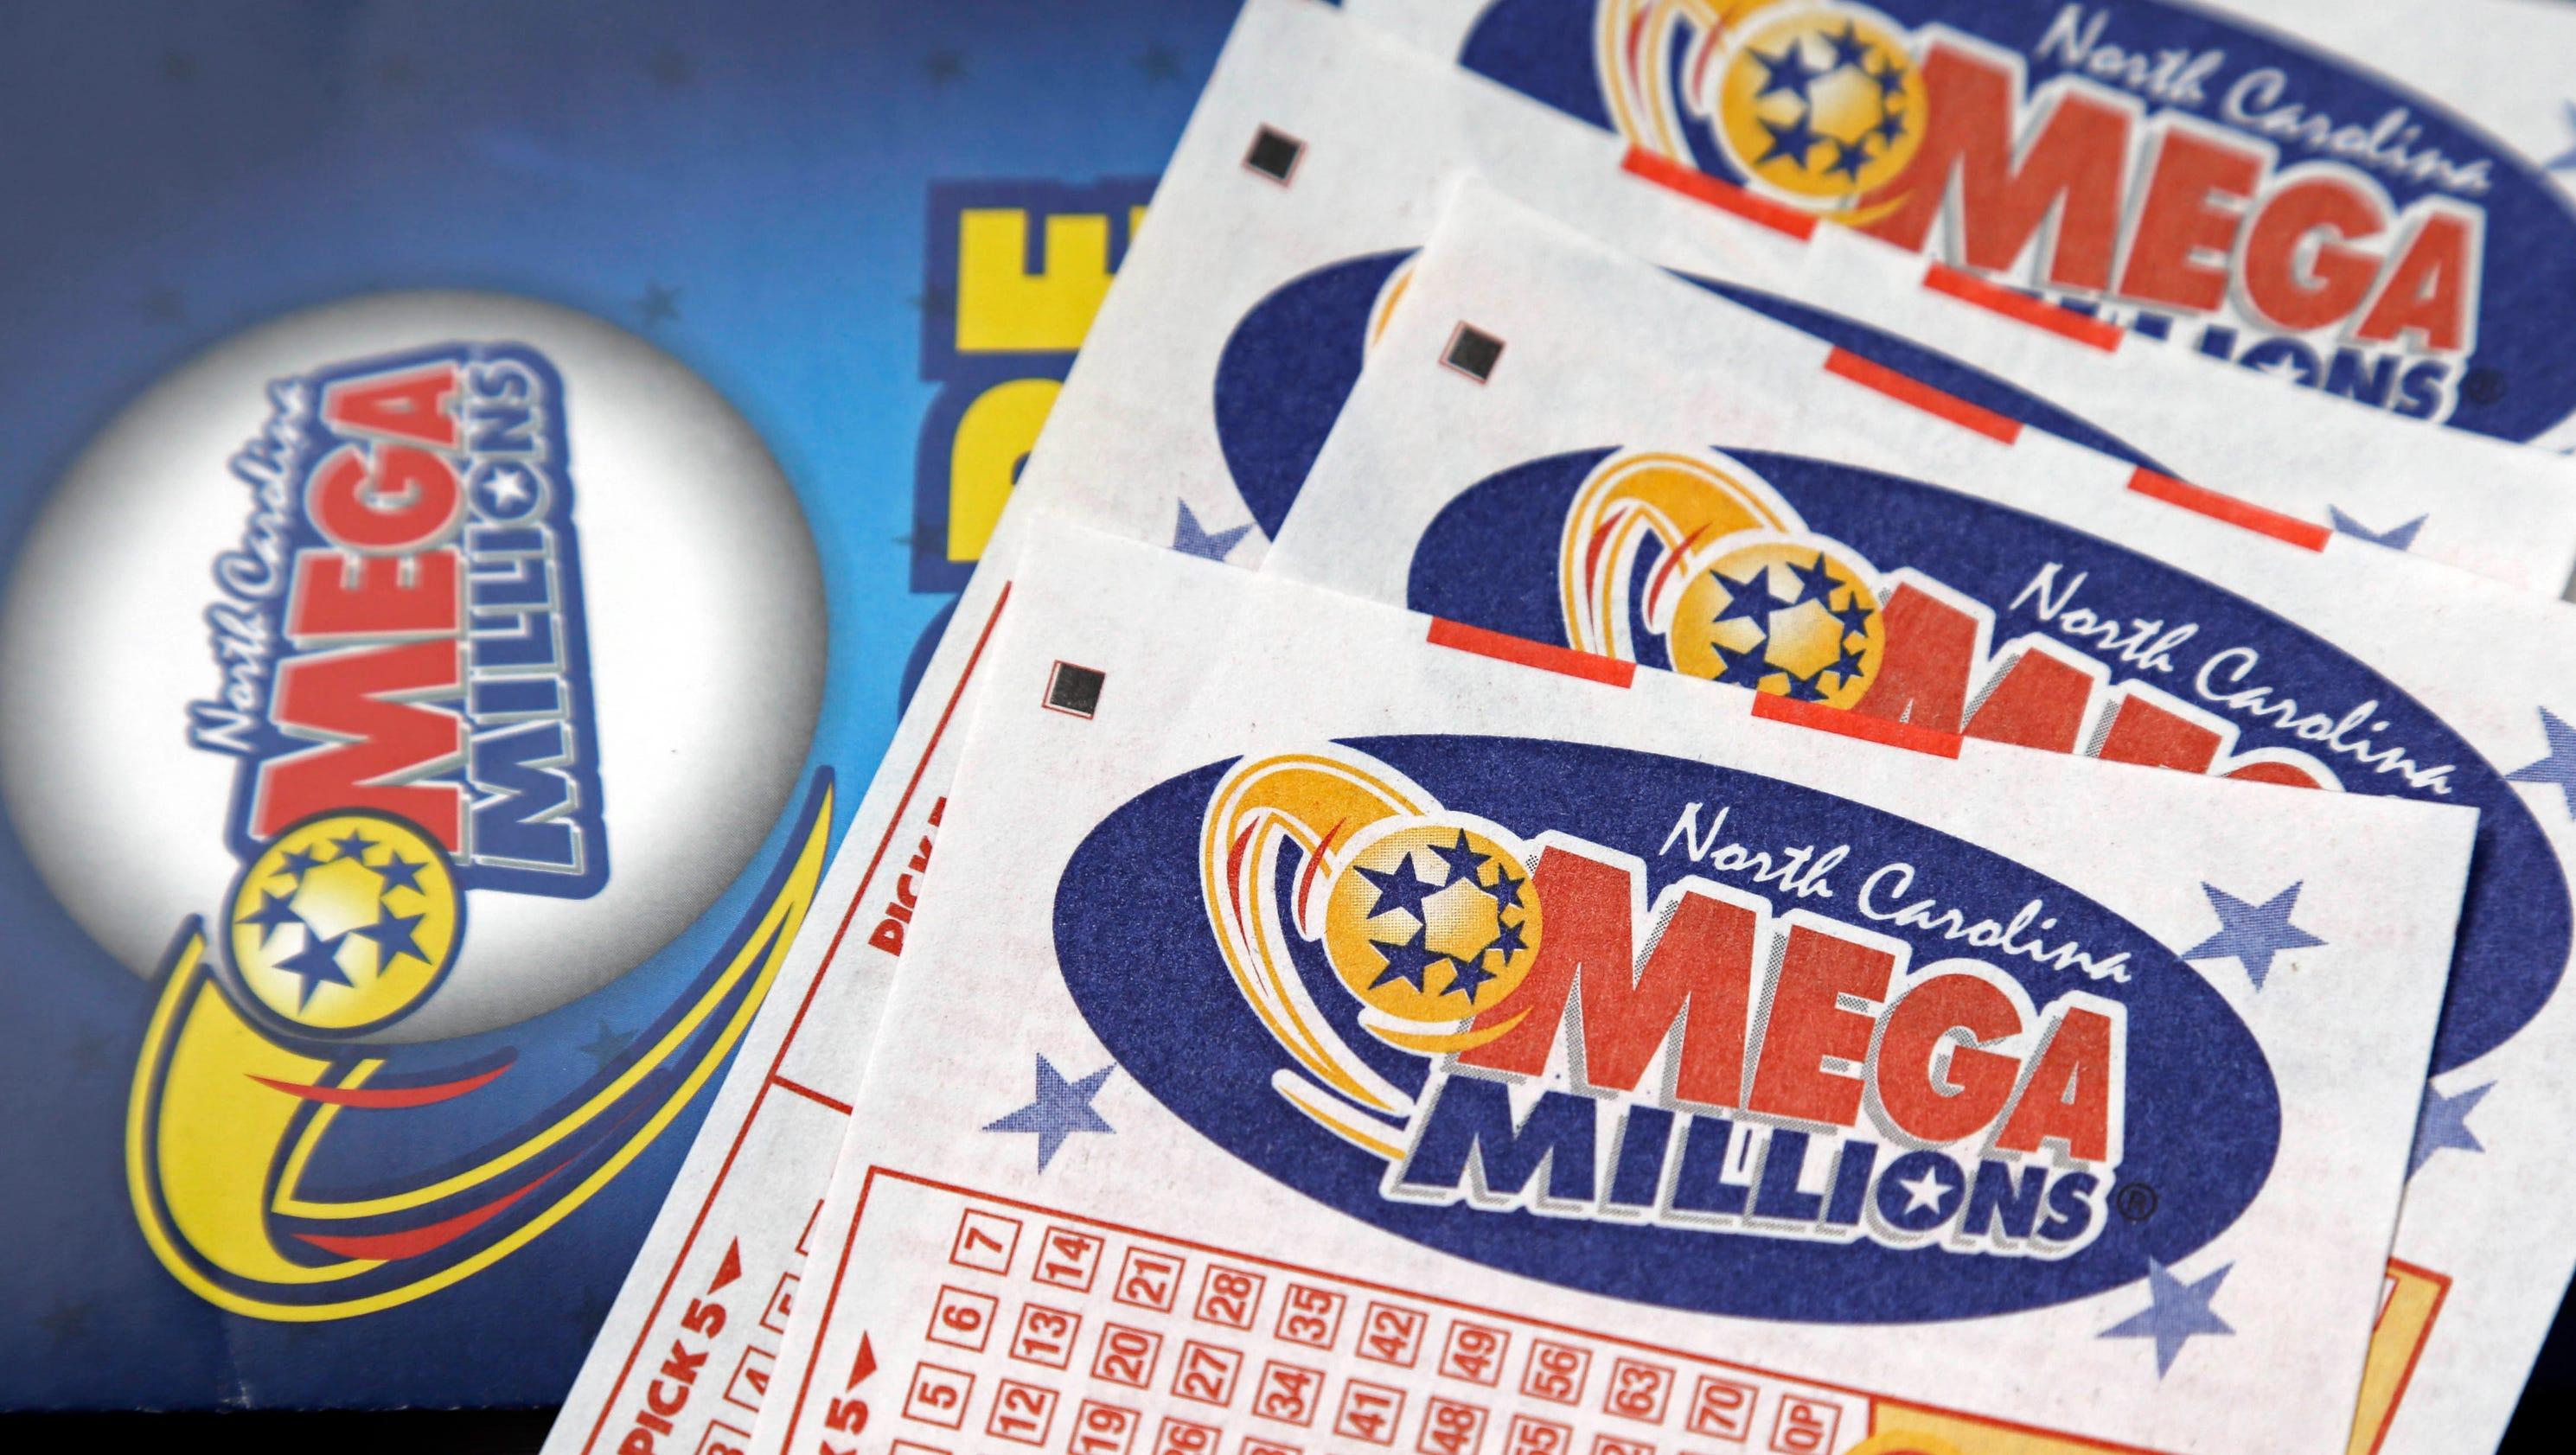 20-year-old wins $451 million Mega Millions jackpot